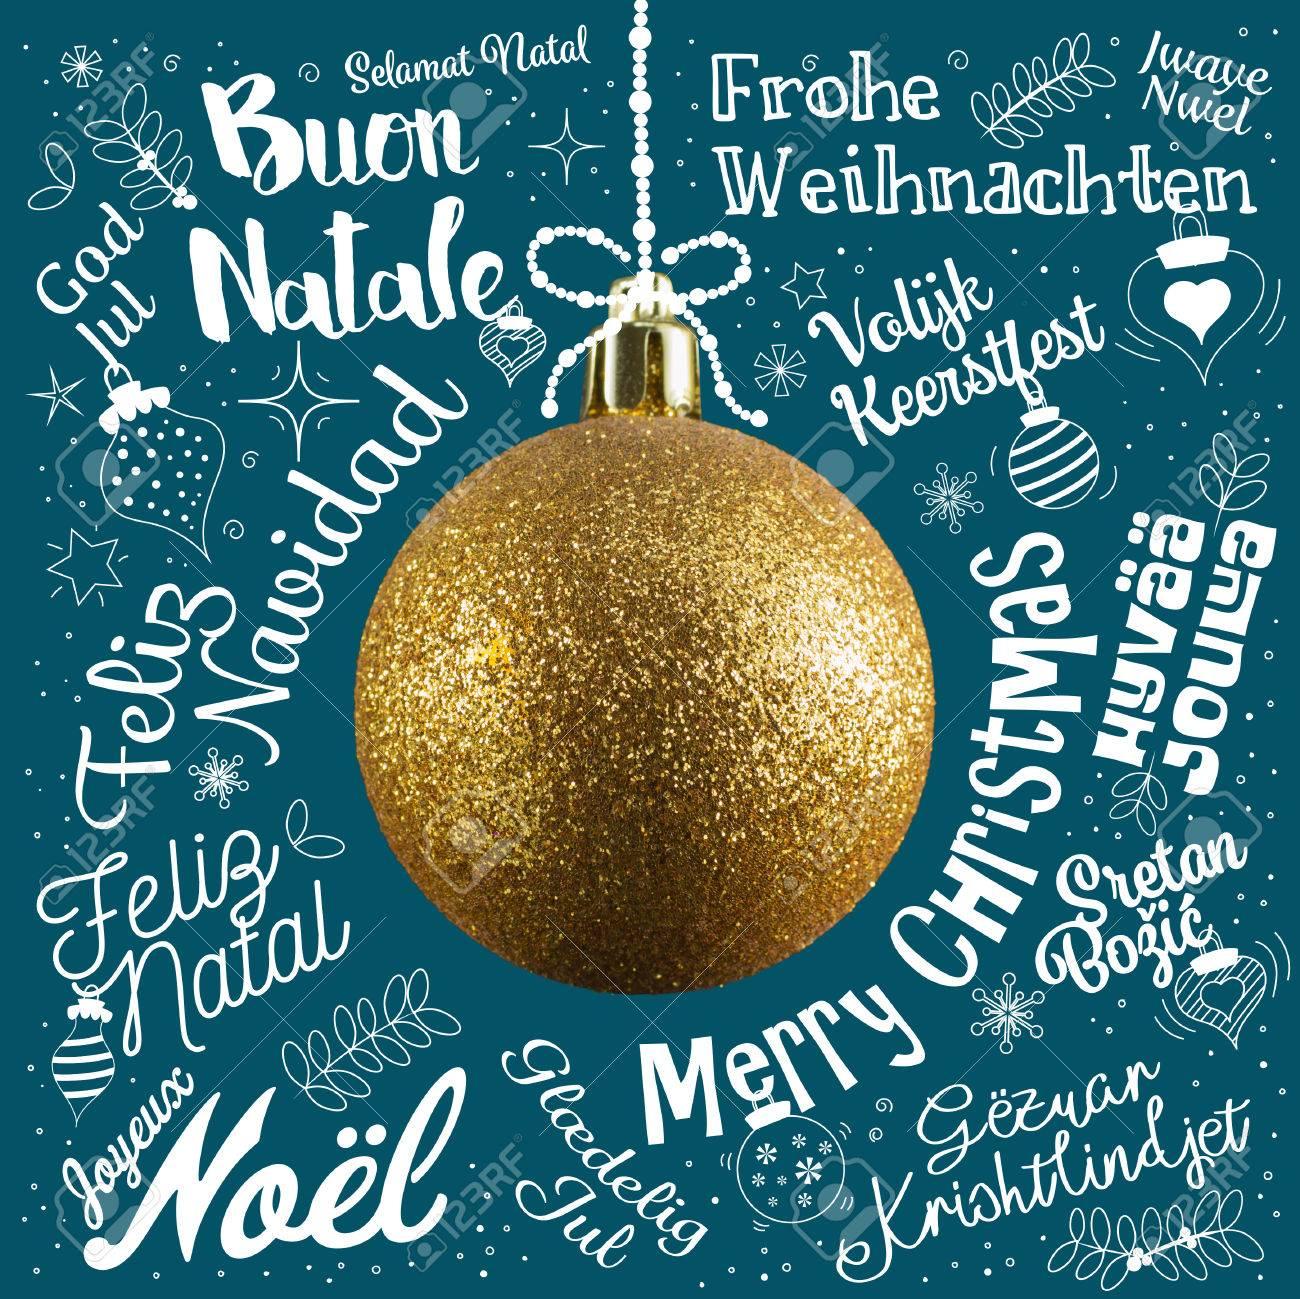 Frohe Weihnachten Grußkarte Von Welt In Verschiedenen Sprachen Mit ...